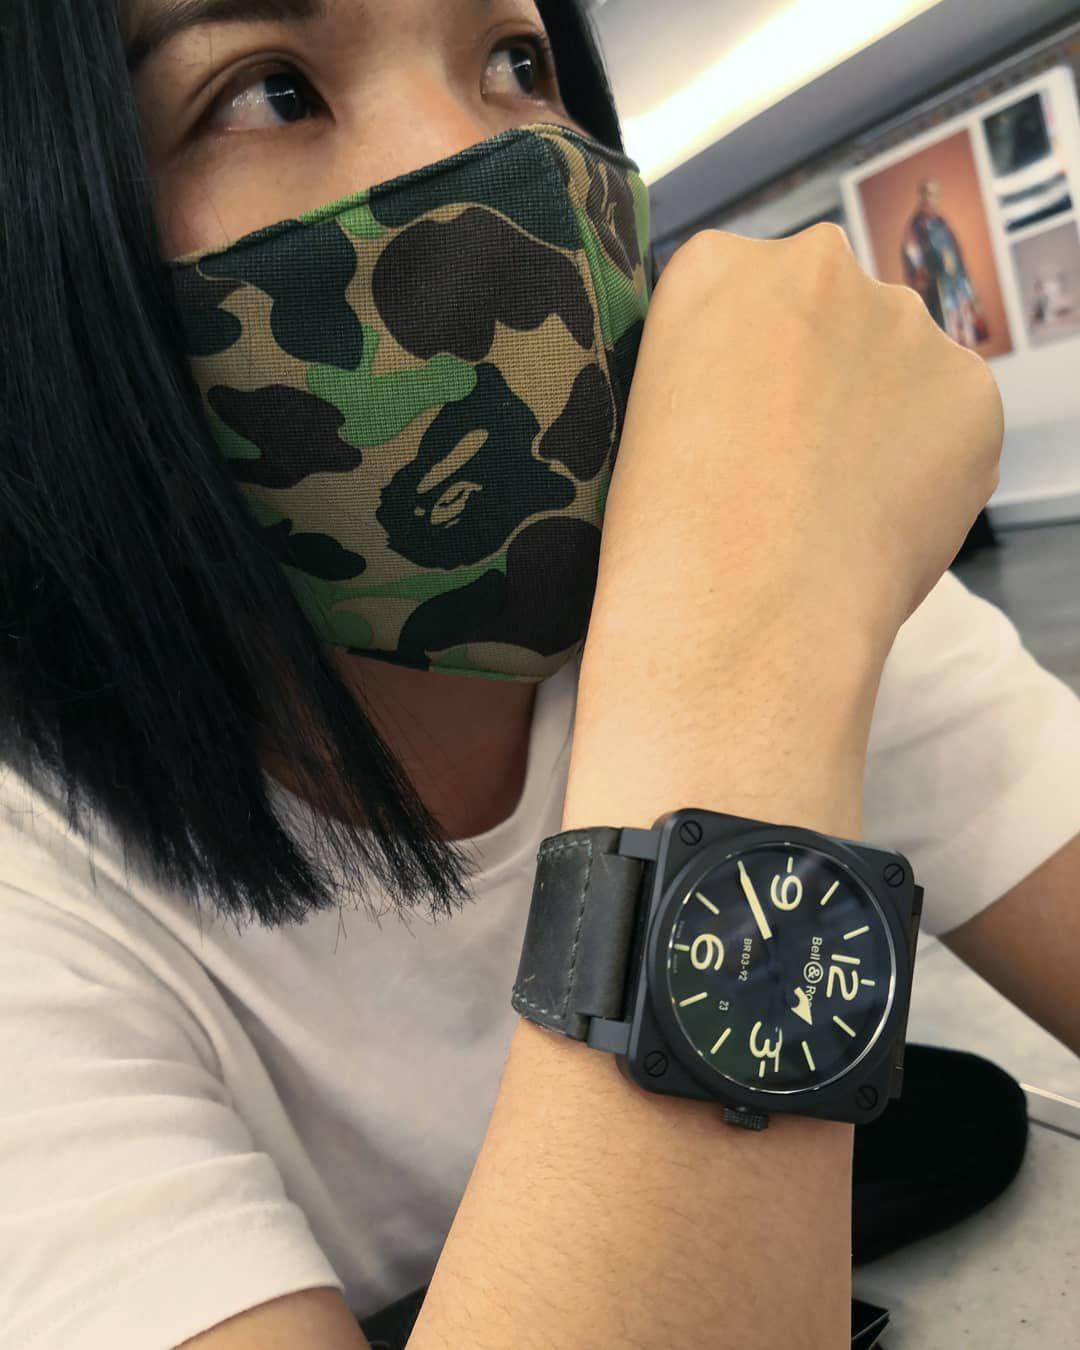 今天这口罩一戴,回头率陡然升高,难道是看我像恐怖分子?